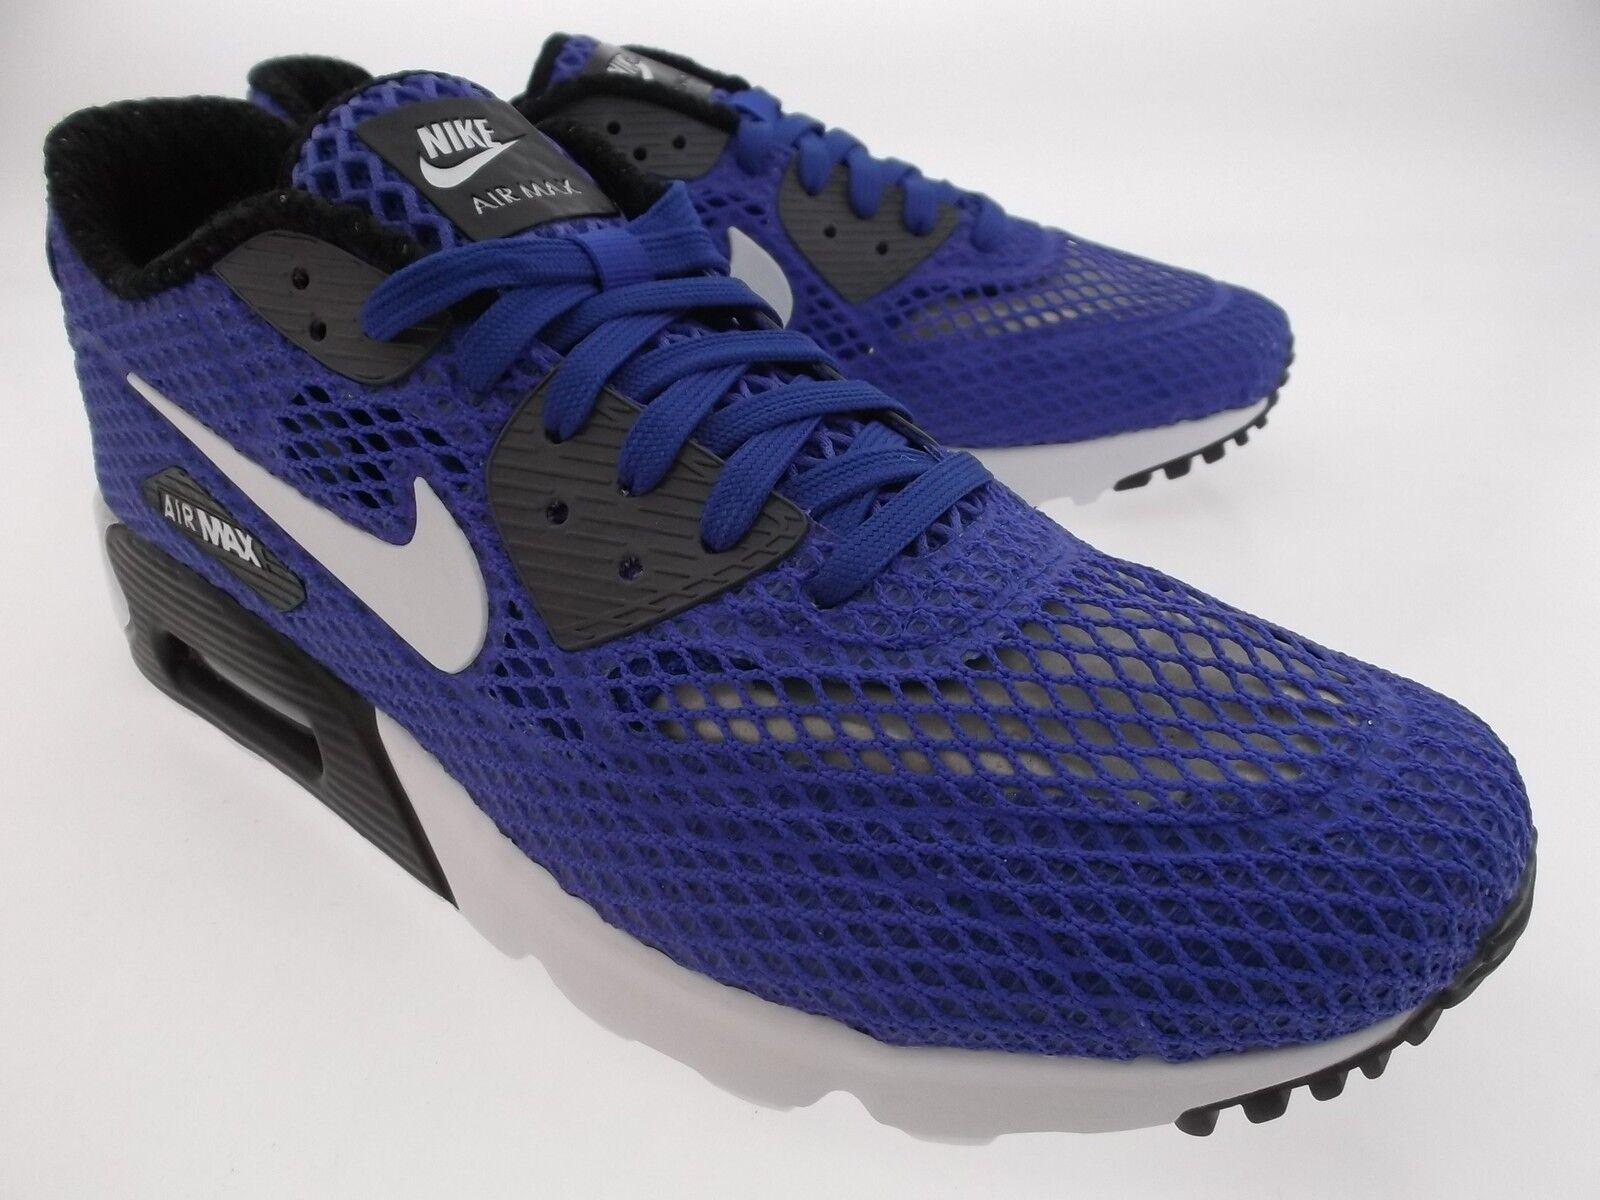 810170-401 Nike Men Air Max 90 Ultra BR Plus QS blue racer blue white dark gray  Cheap and beautiful fashion